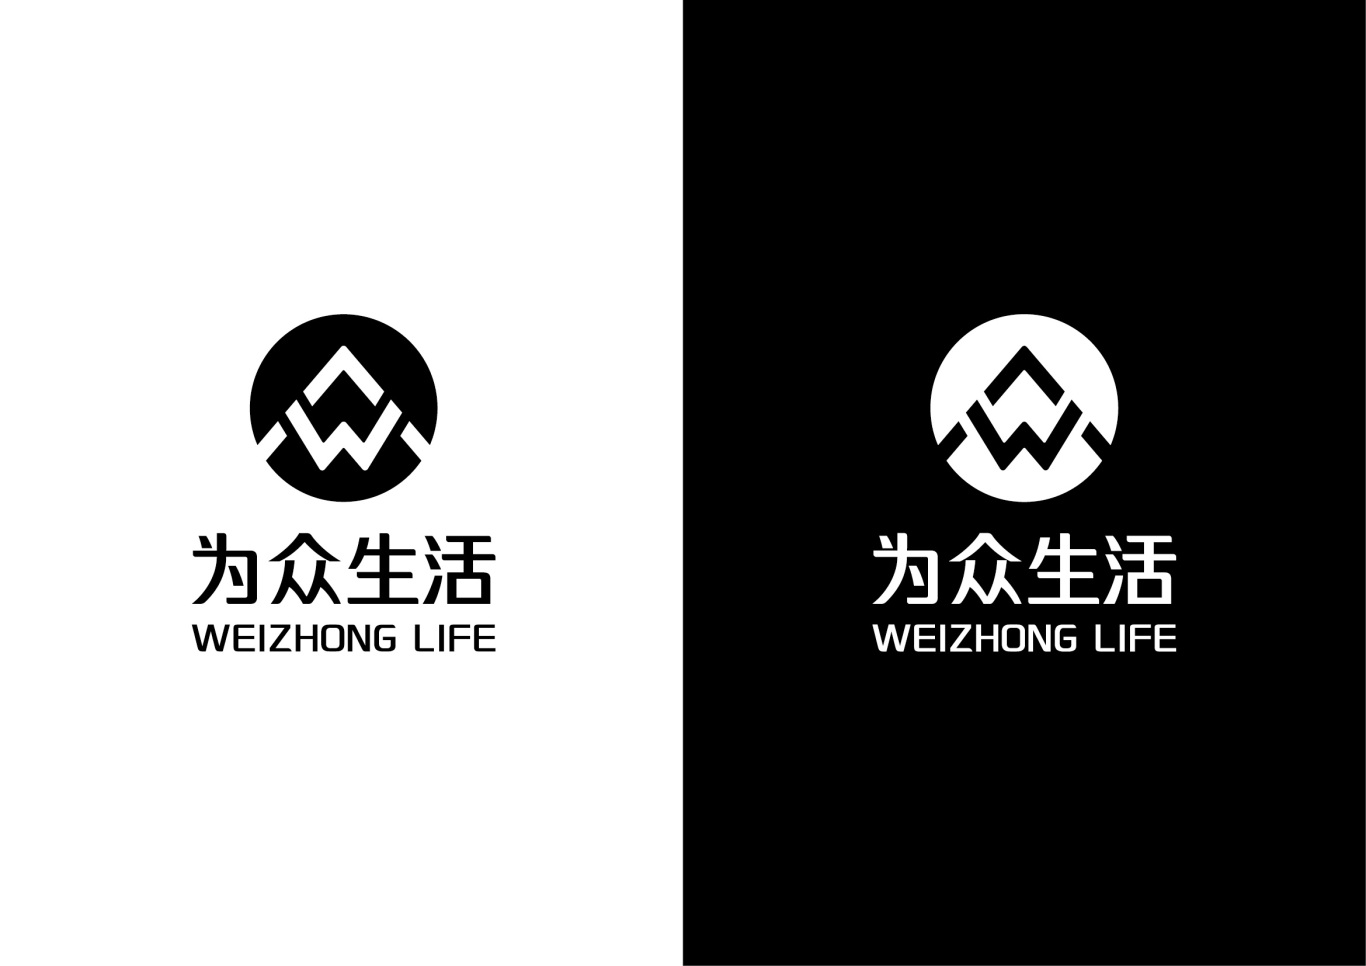 为众生活-品牌标志设计图10